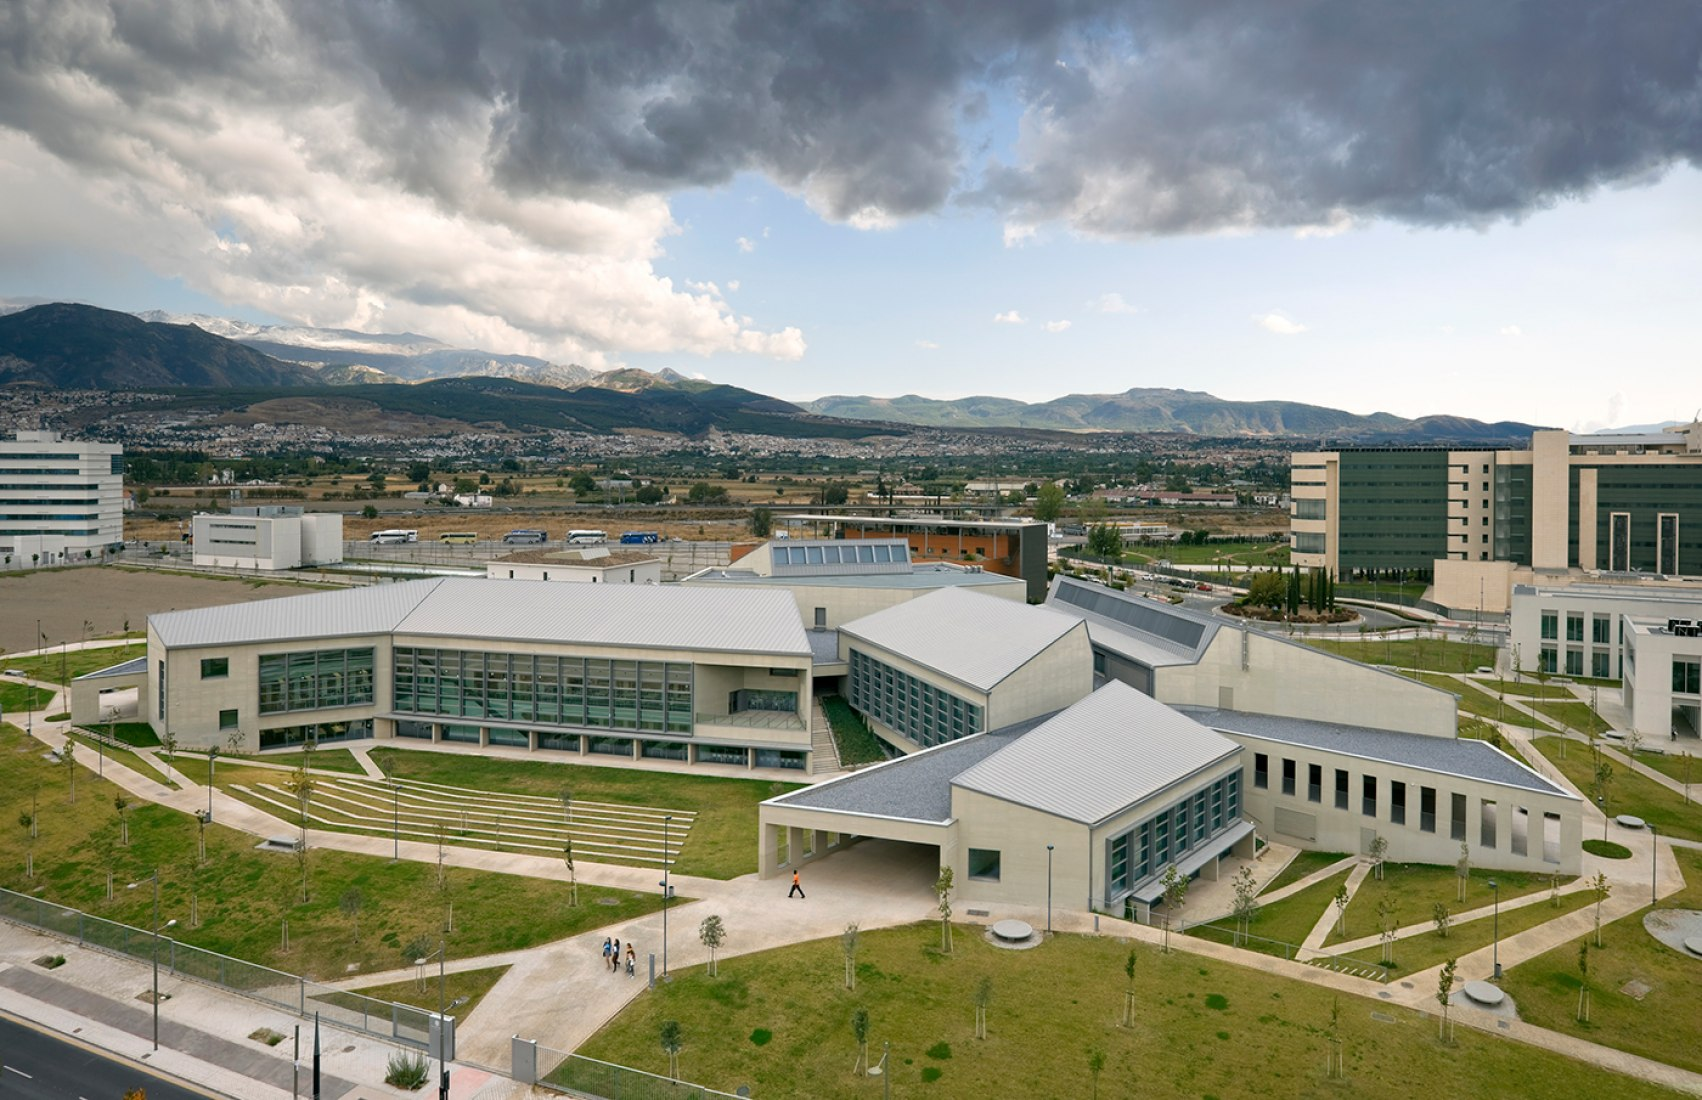 Vista exterior del edificio central en el Campus de Ciencias de la Salud de la UGR. Fotografía © Duccio Malagamba.